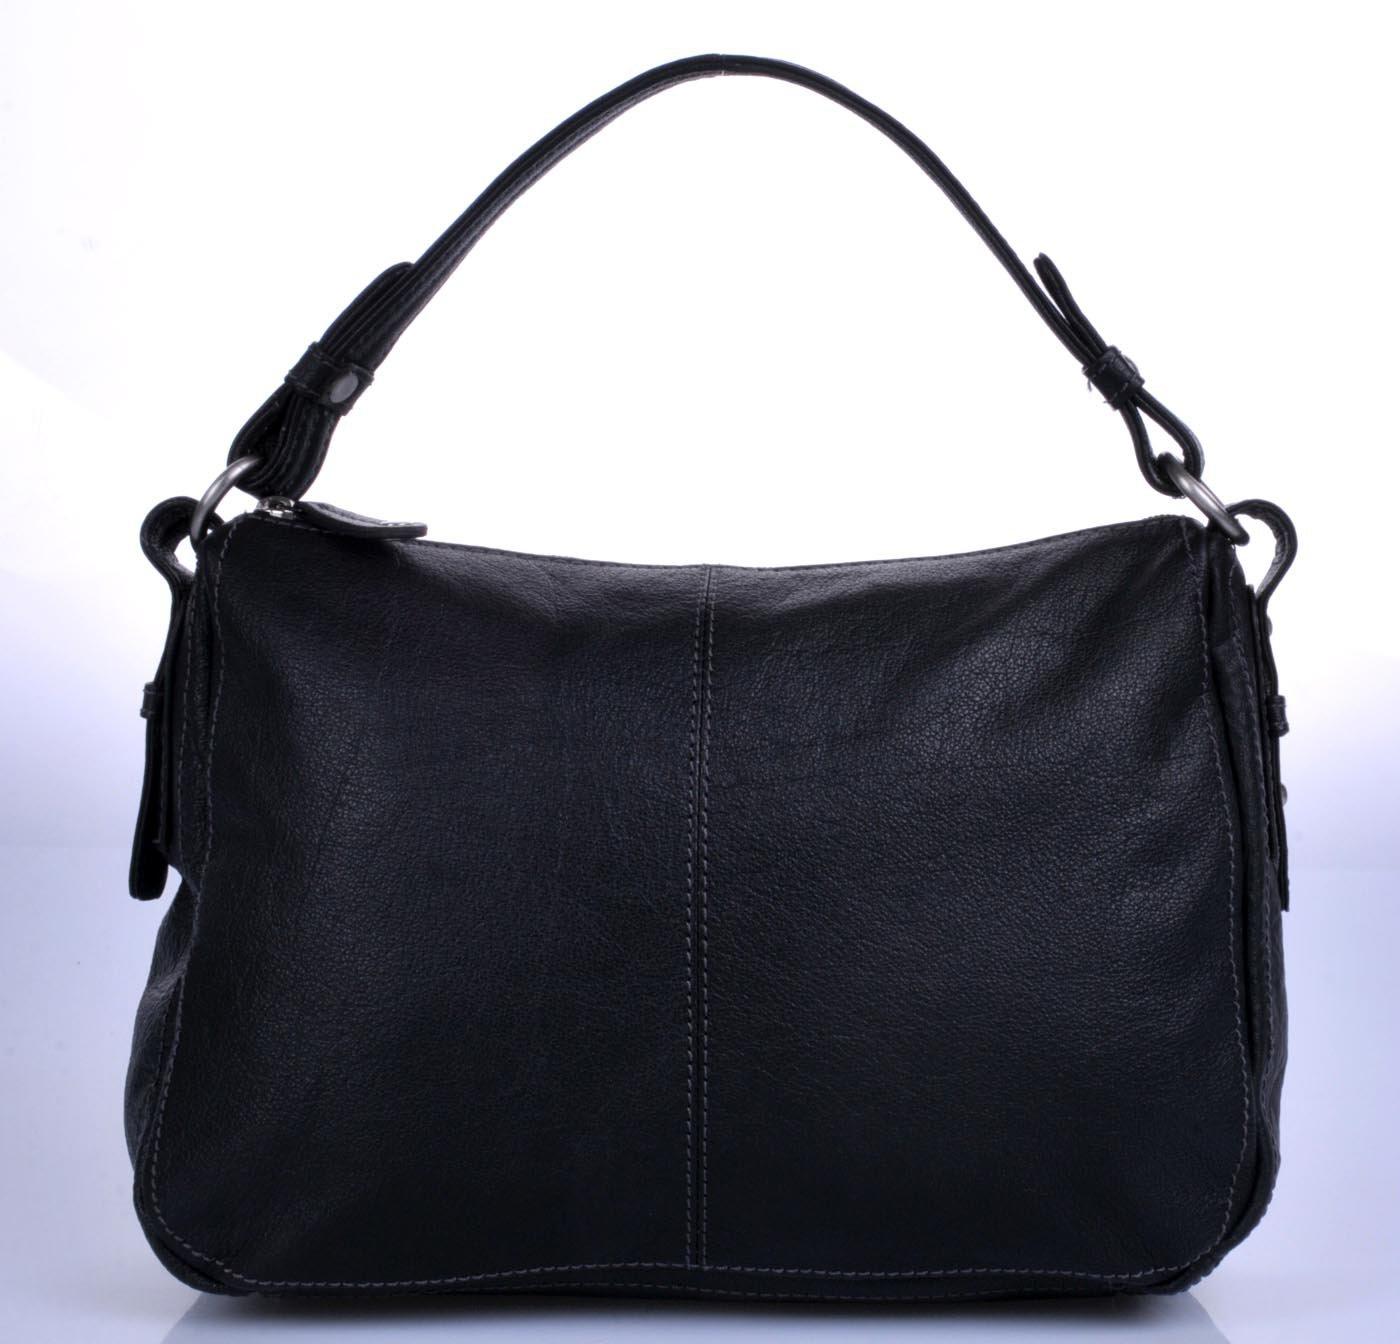 Kožená kabelka s jedním kratším a delším popruhem na rameno 93232baee05